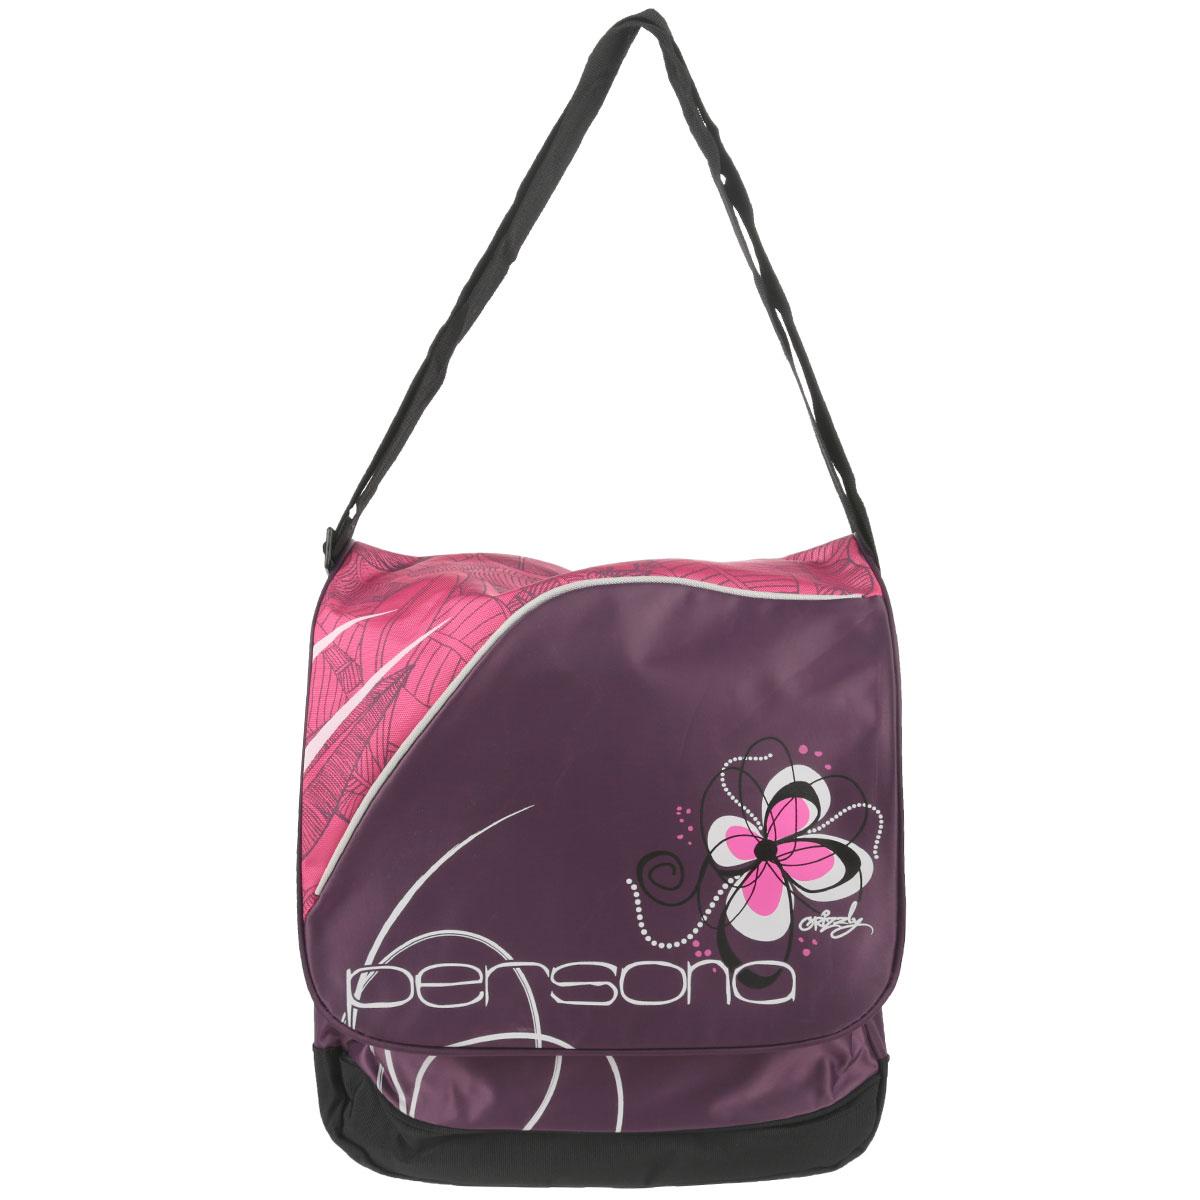 Сумка молодежная Grizzly, цвет: фиолетовый, розовый. MD-428-237462Сумка молодежная с одним отделением и клапаном, двумя плоскими и объемным карманом на передней стенке, карманом на молнии на задней стенке, с внутренними карманами, регулируемым плечевым ремнем